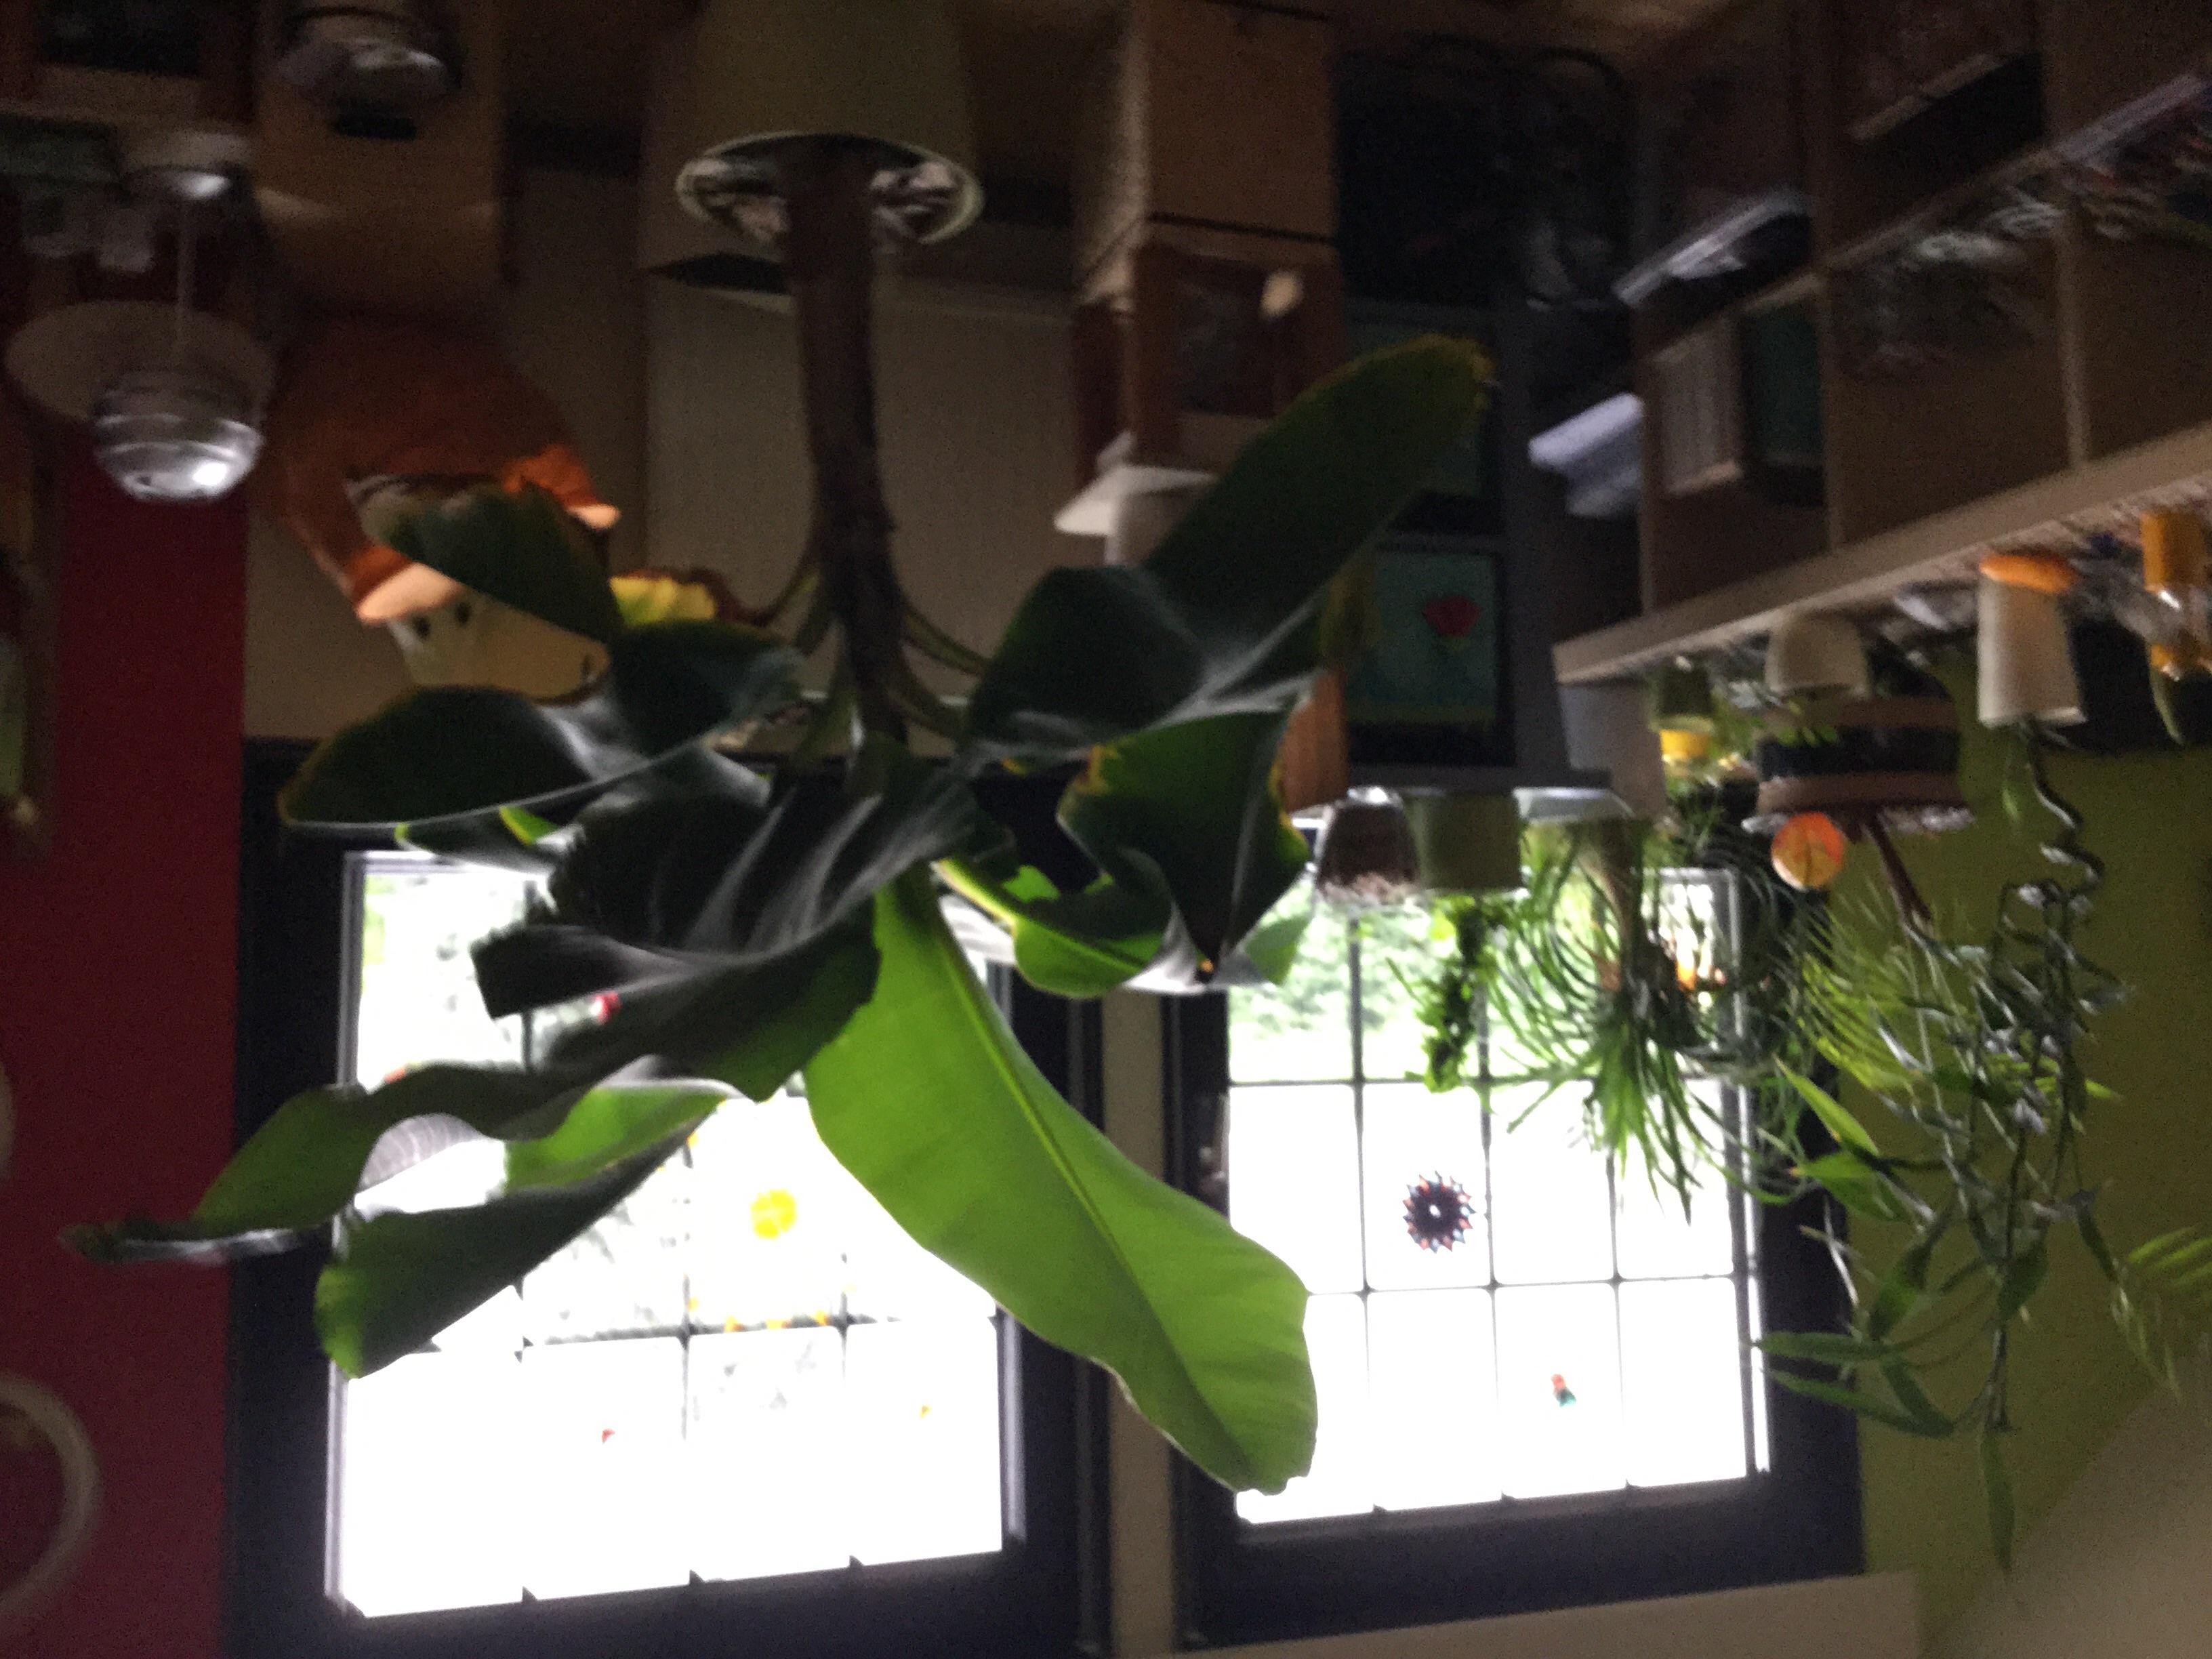 wie viel sauerstoff produzieren diese paar pflanzen gesundheit physik biologie. Black Bedroom Furniture Sets. Home Design Ideas